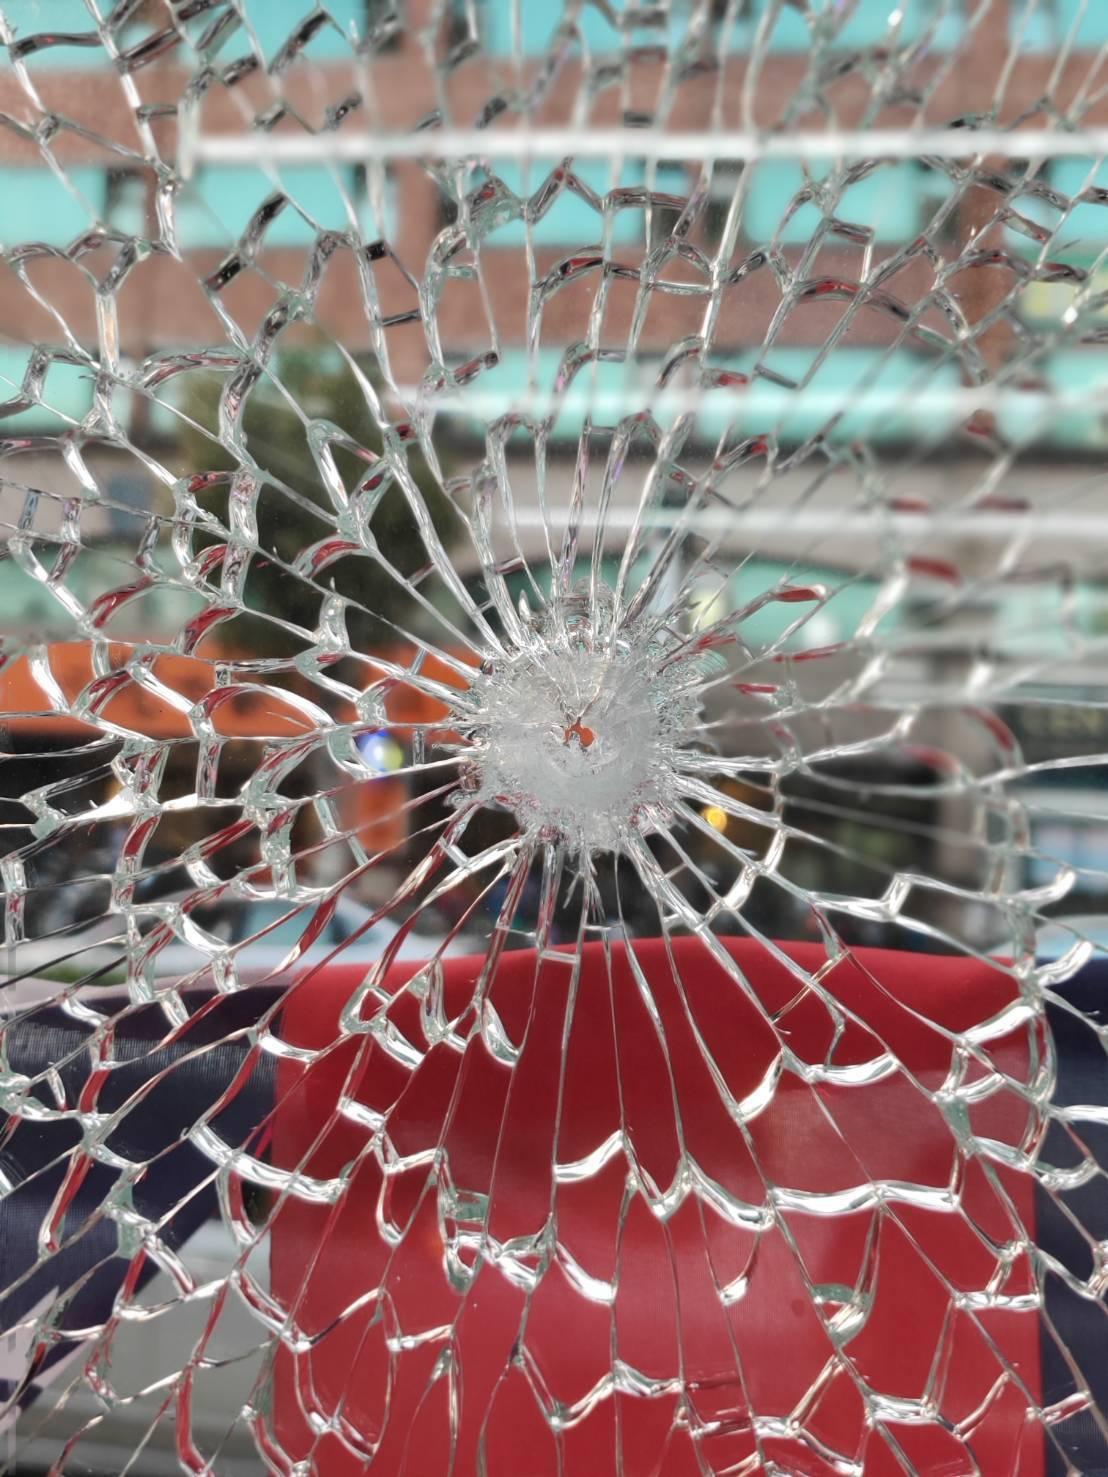 中壢議員劉安棋服務處玻璃牆,遭空氣槍擊碎,且留下彈孔。圖/劉安祺服務處提供